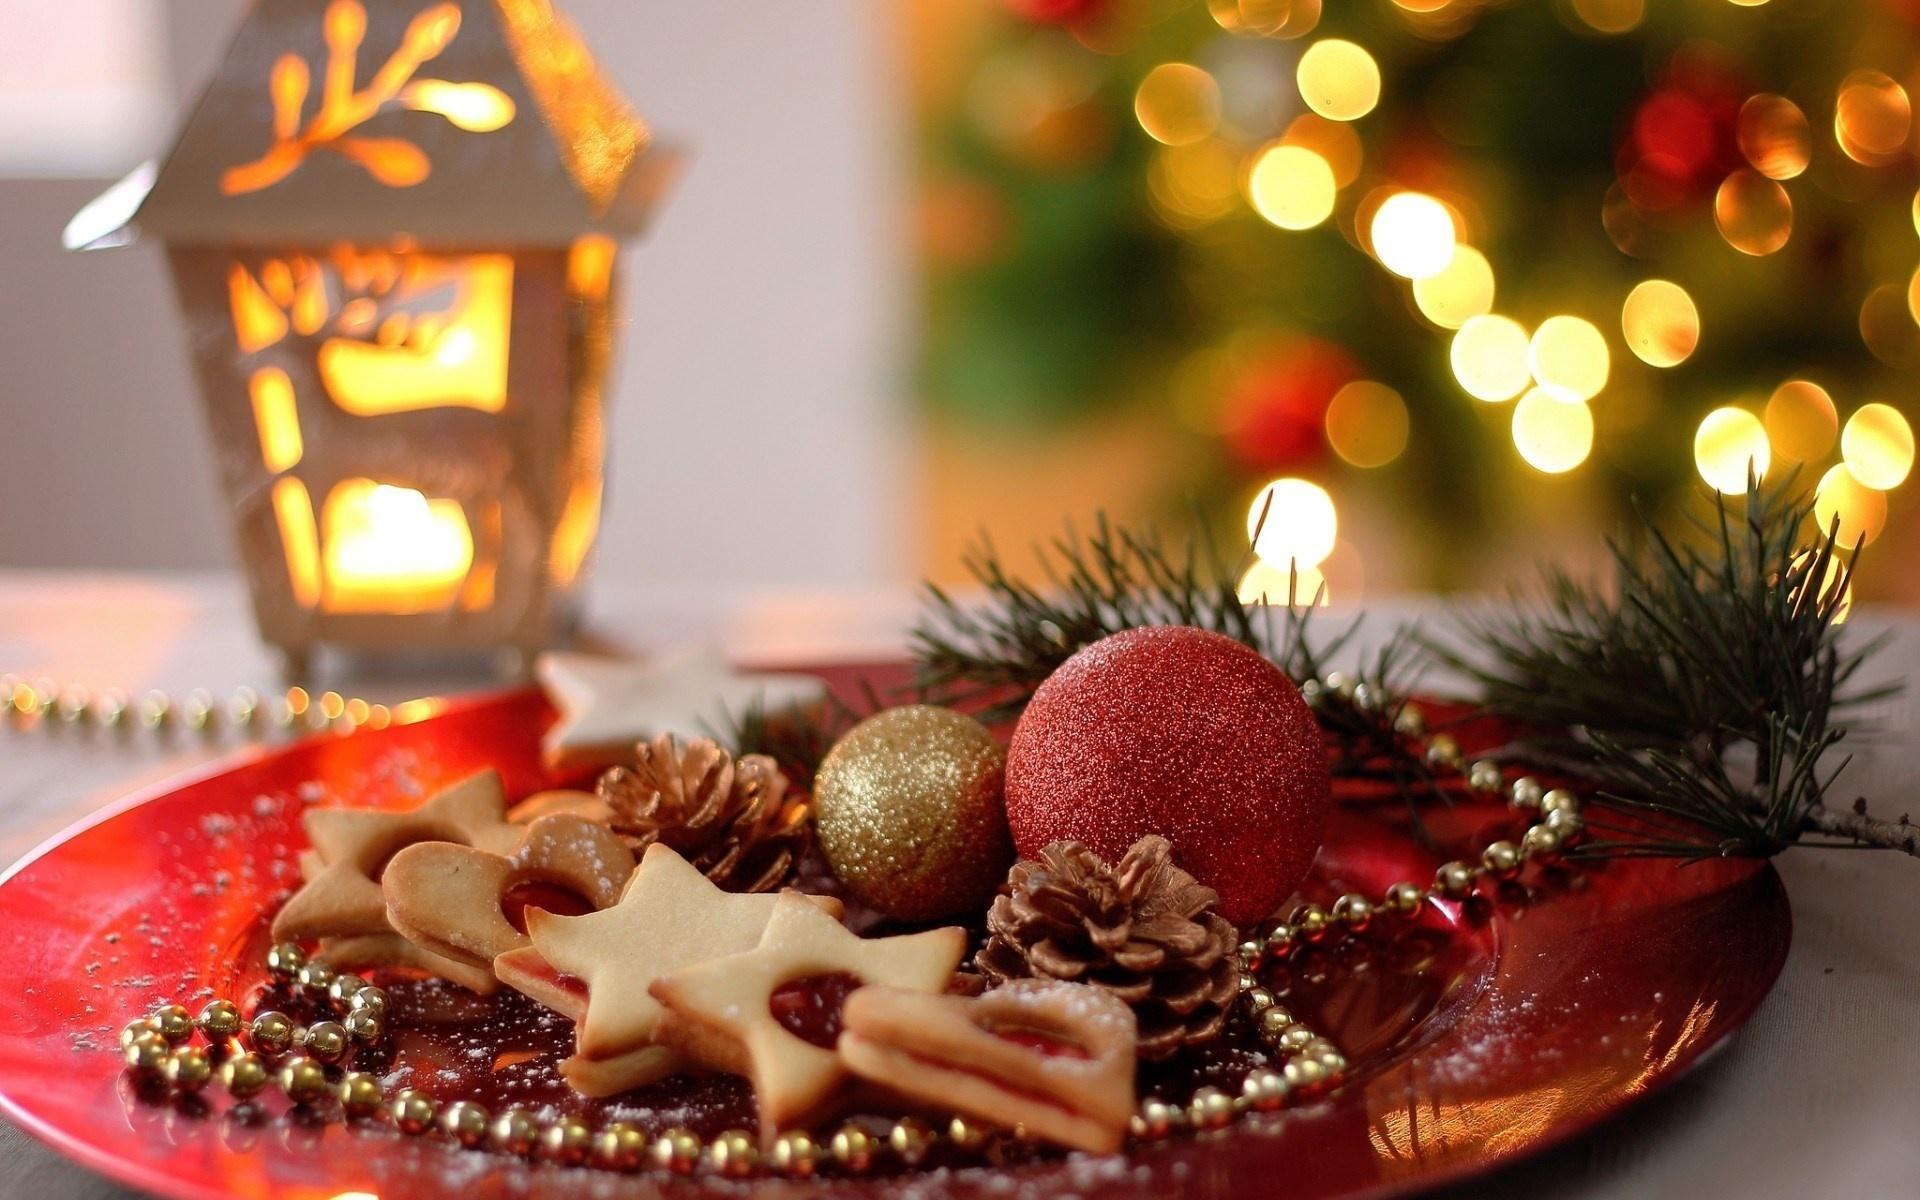 Картинки праздничного настроения